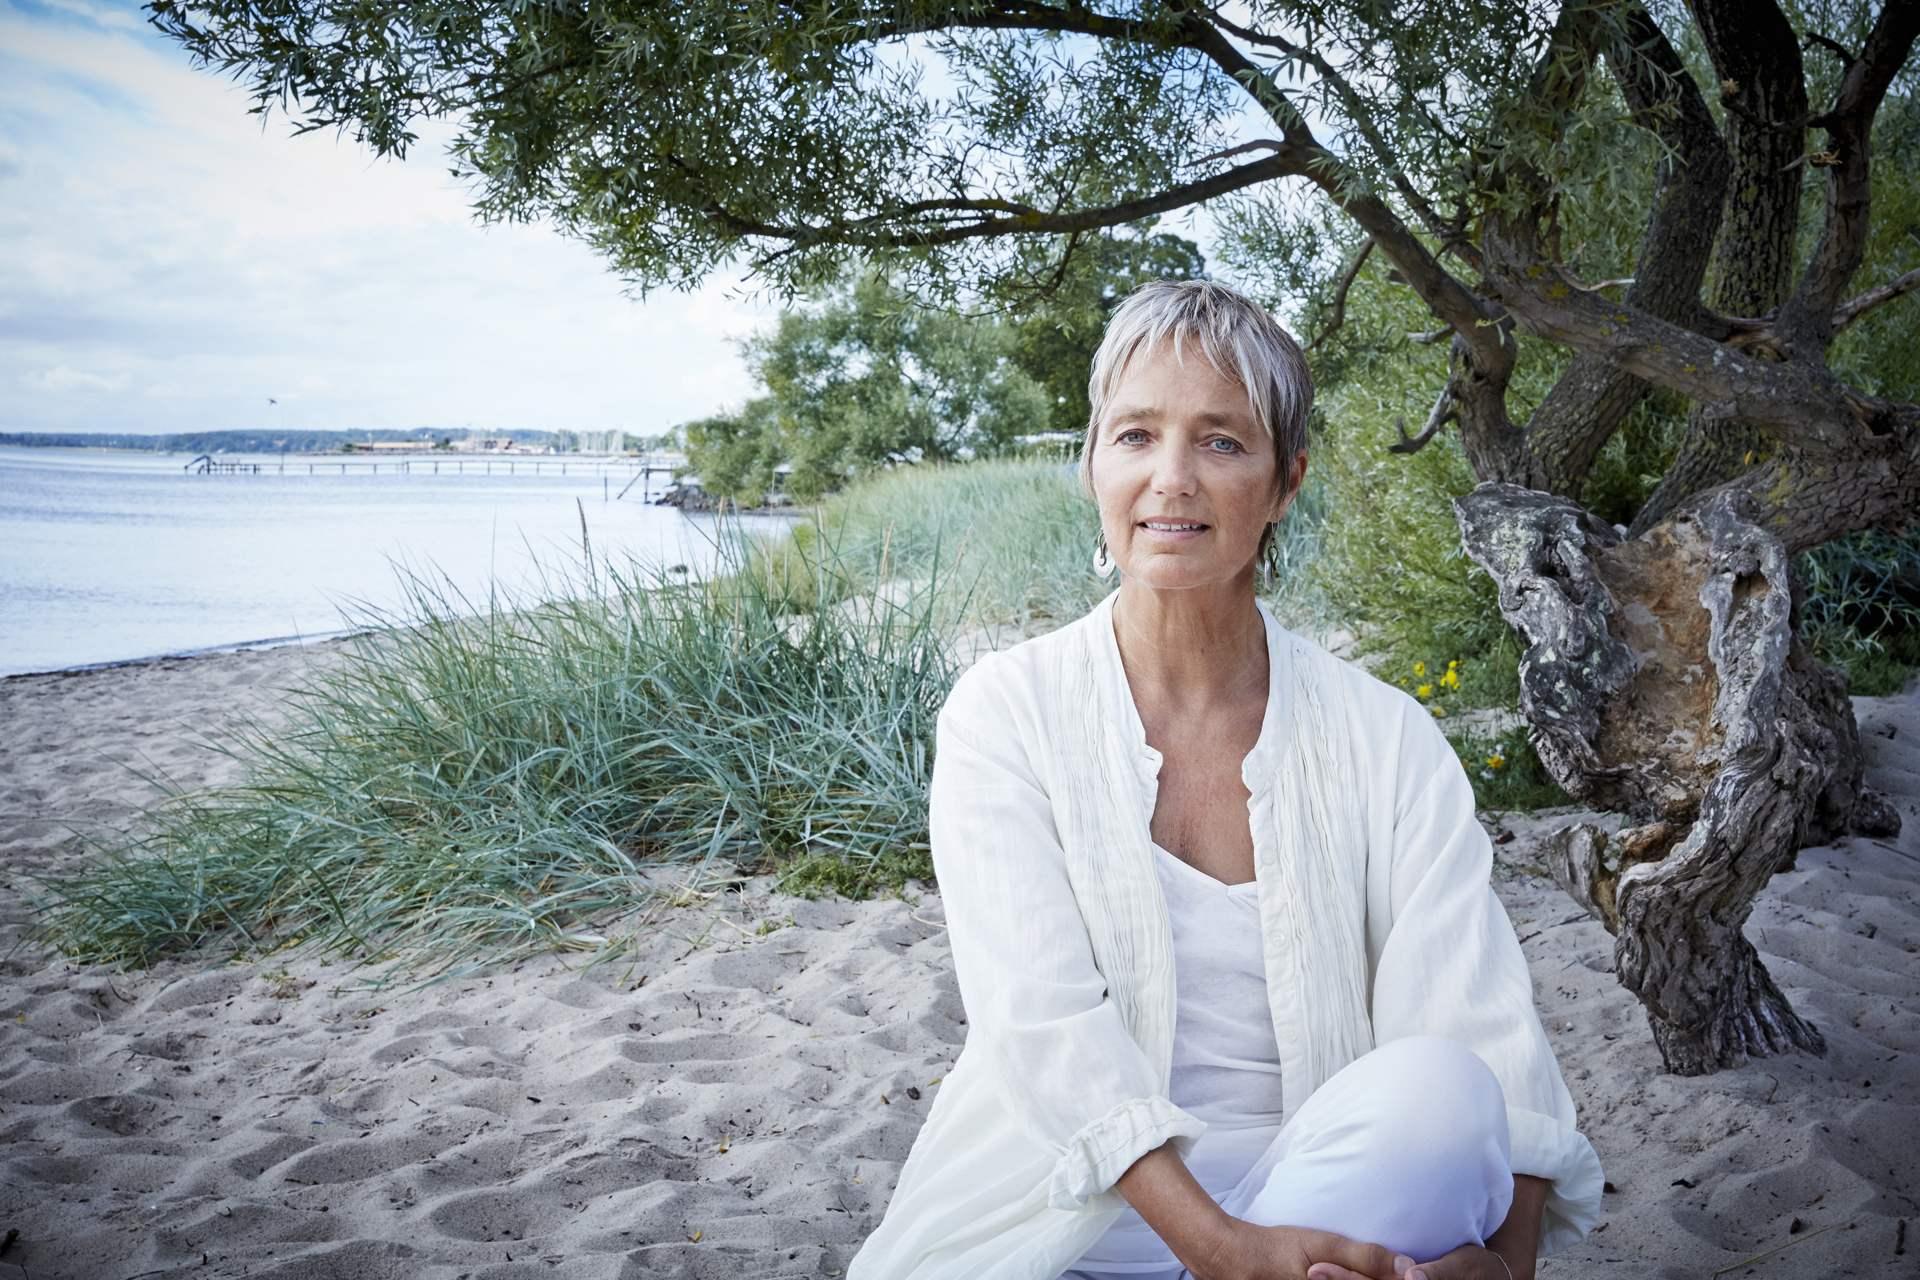 Eva sidder på en strand i naturen